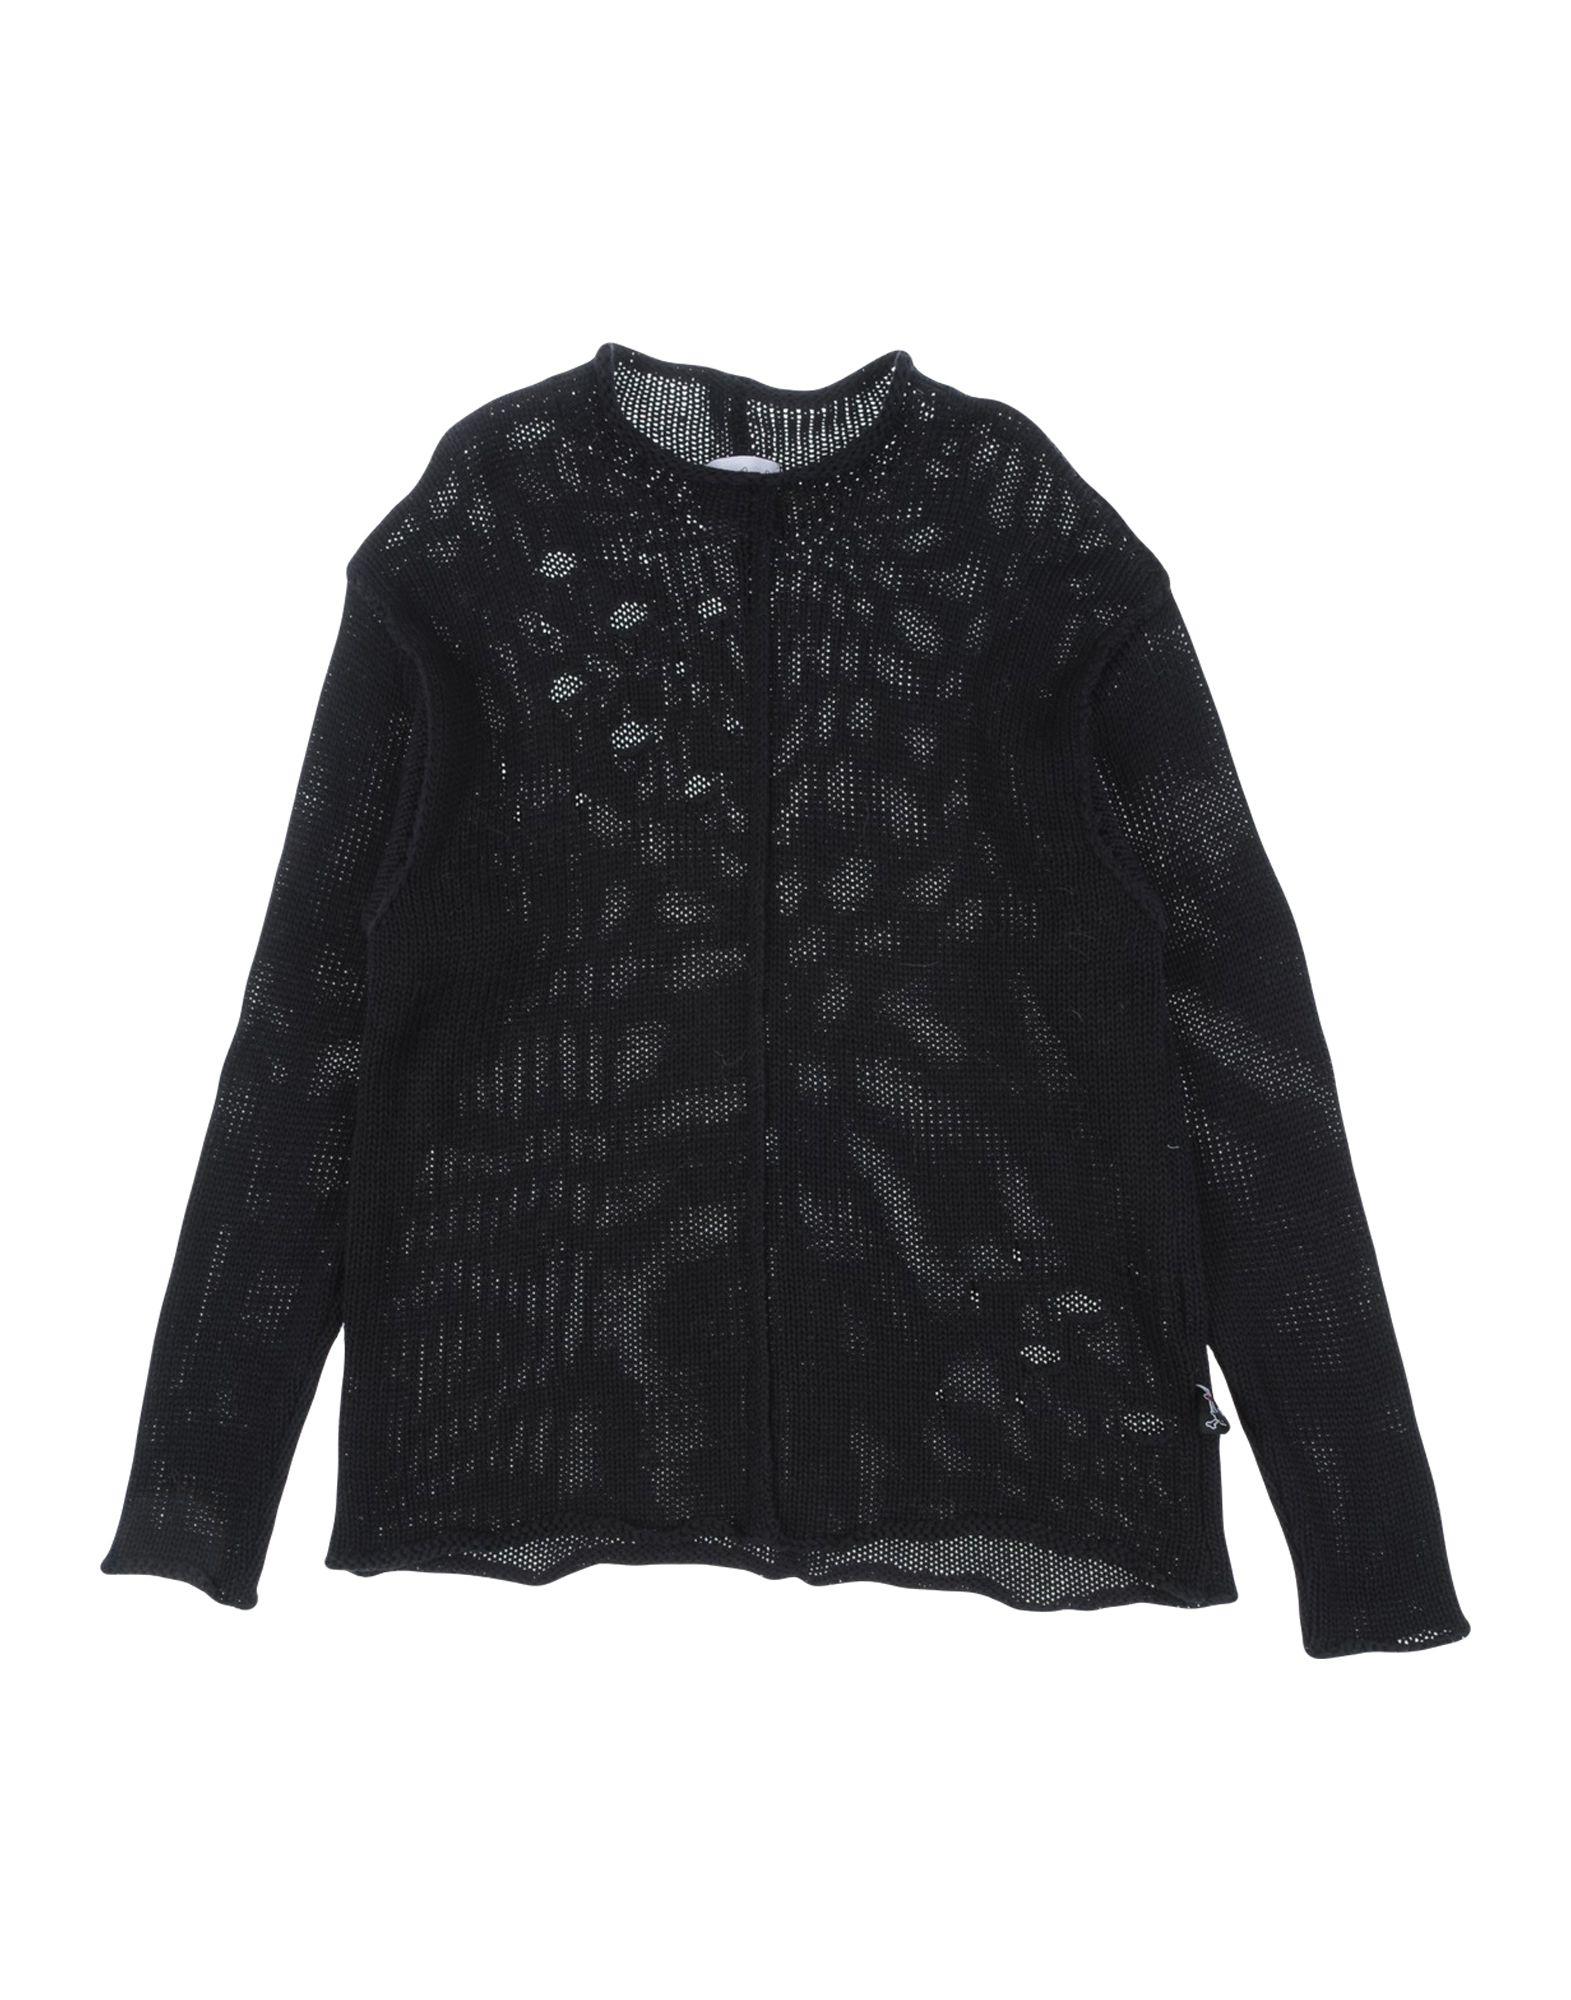 NUNUNU Mädchen 9-16 jahre Pullover Farbe Schwarz Größe 2